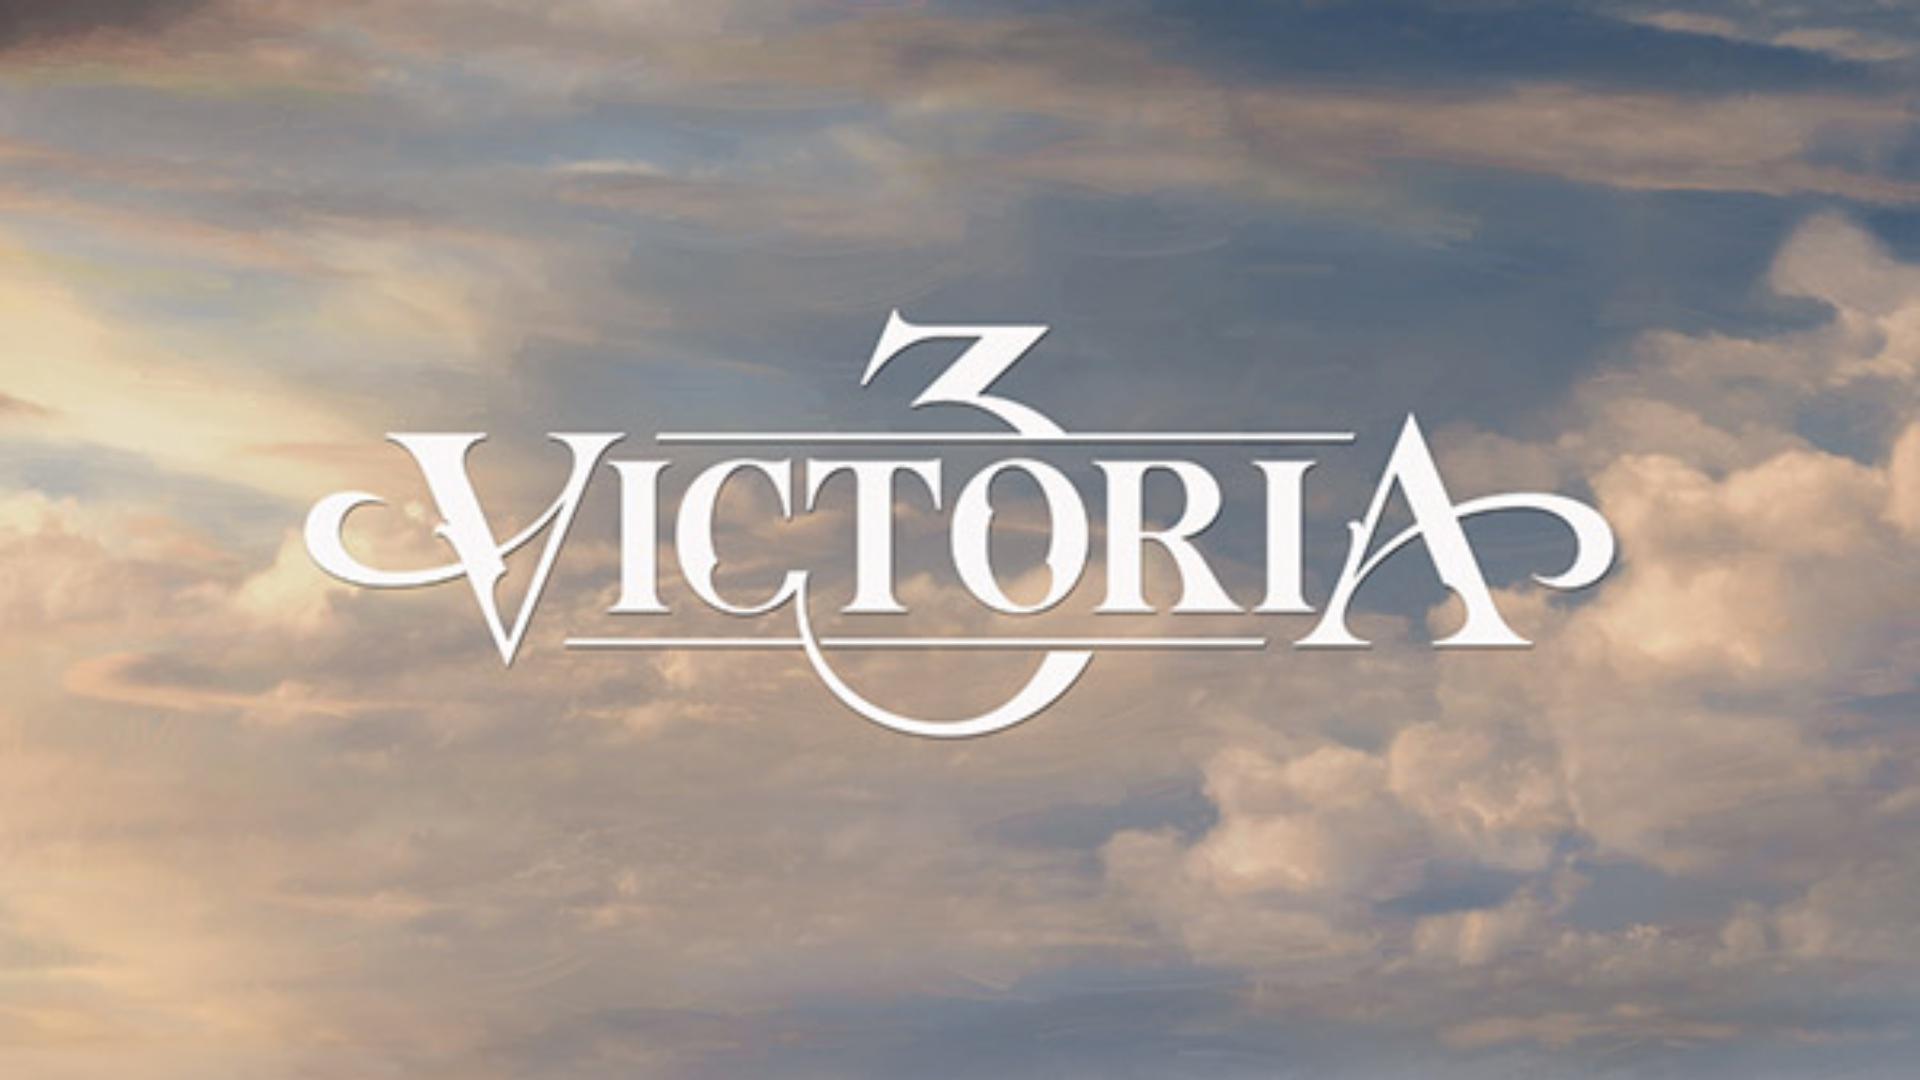 بازی Victoria 3